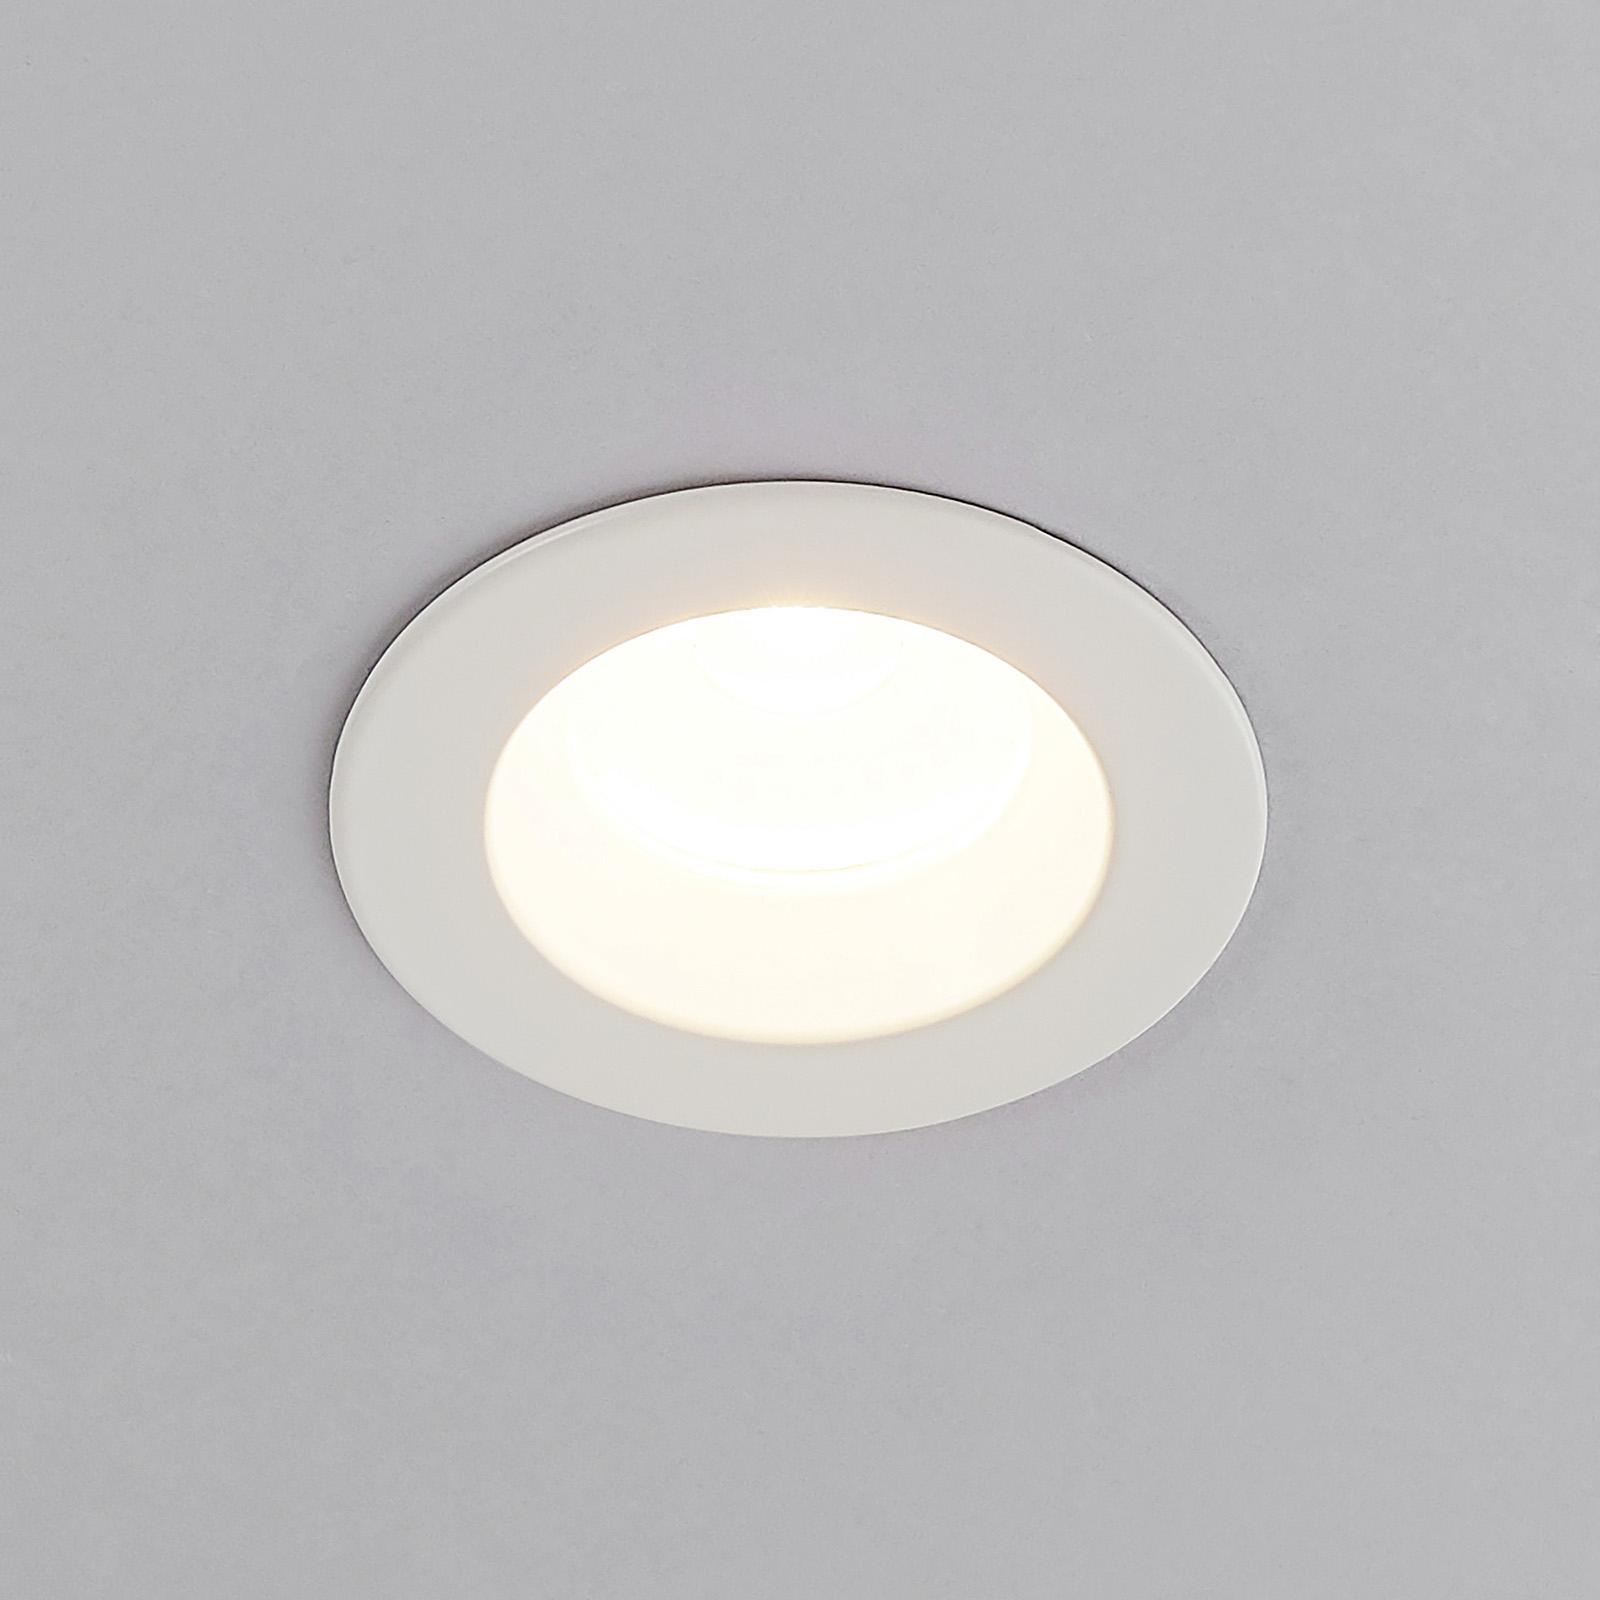 Arcchio Unai - LED-kohdevalo 2700 K IP65, 4W